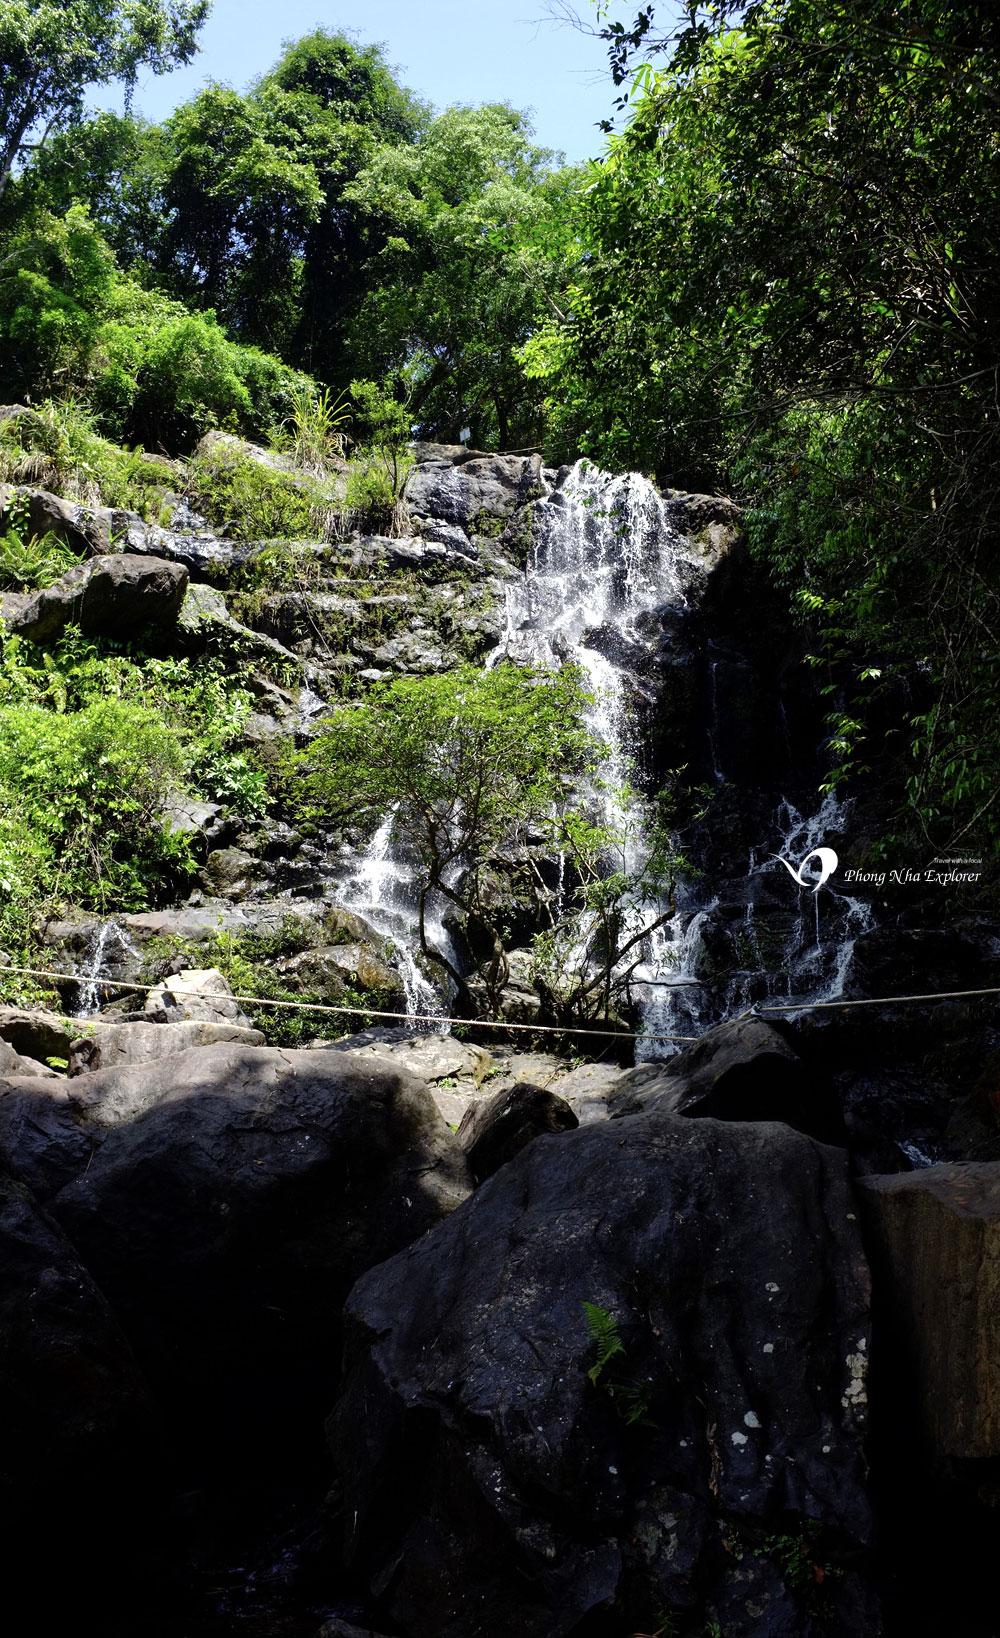 phong-nha-cave-and-botanic-garden-tour-c